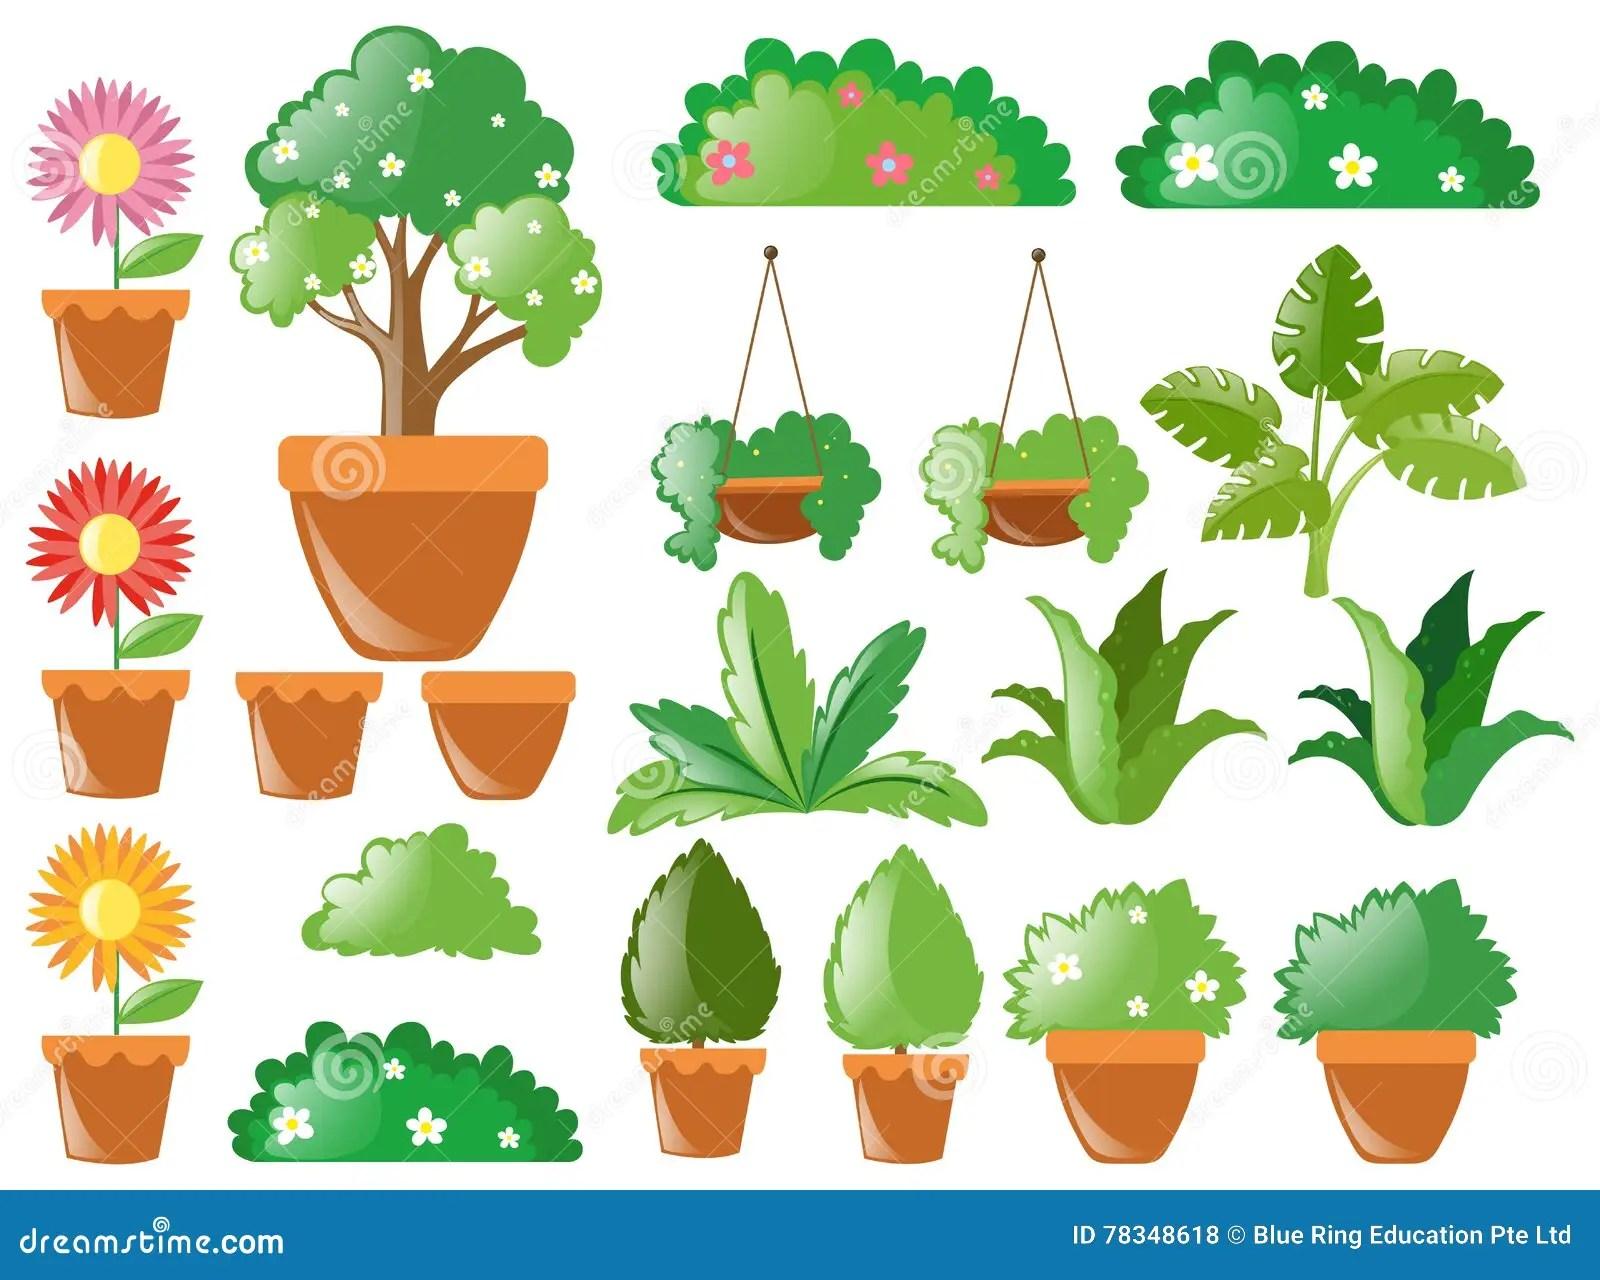 Garden Decoration Supplies